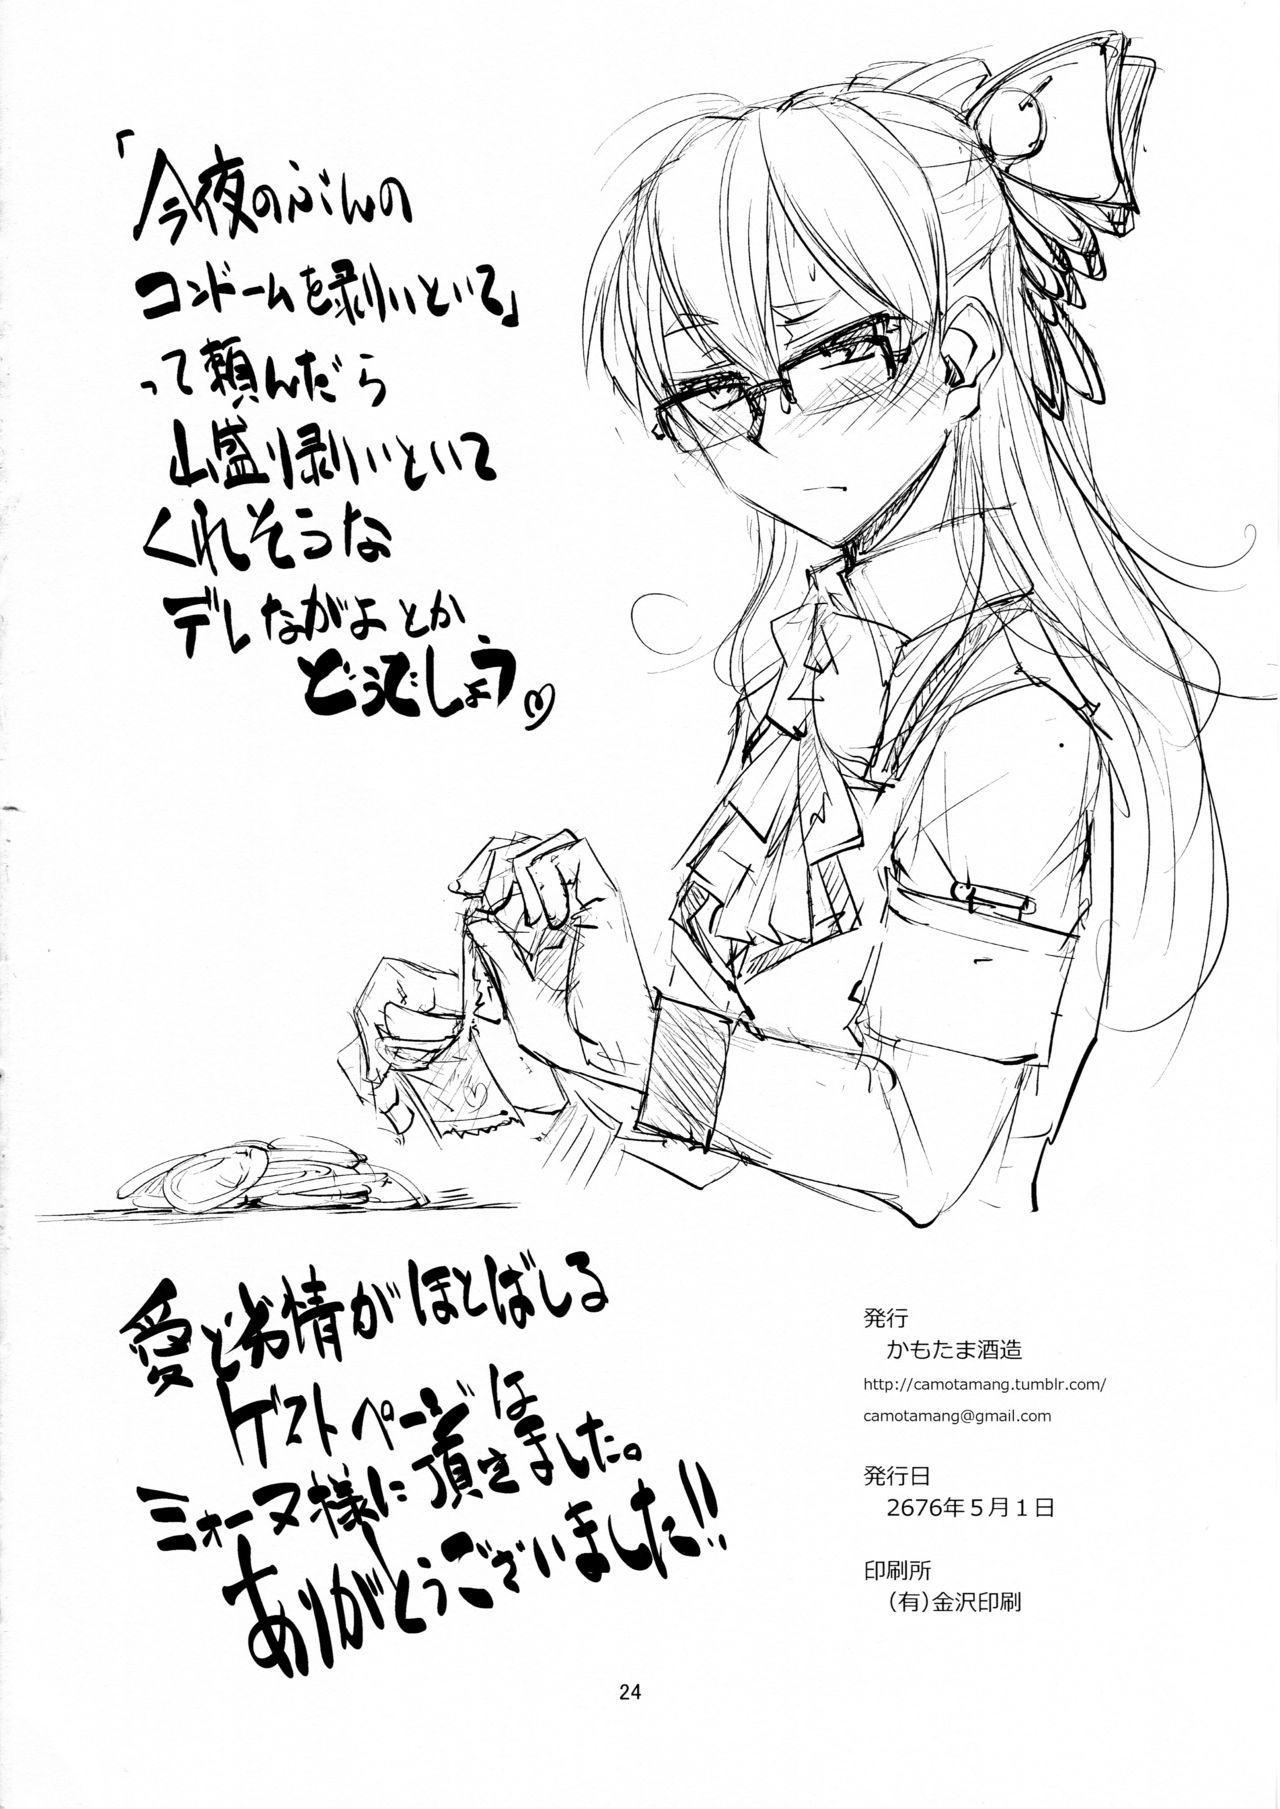 Nagayo no Yonaga 24